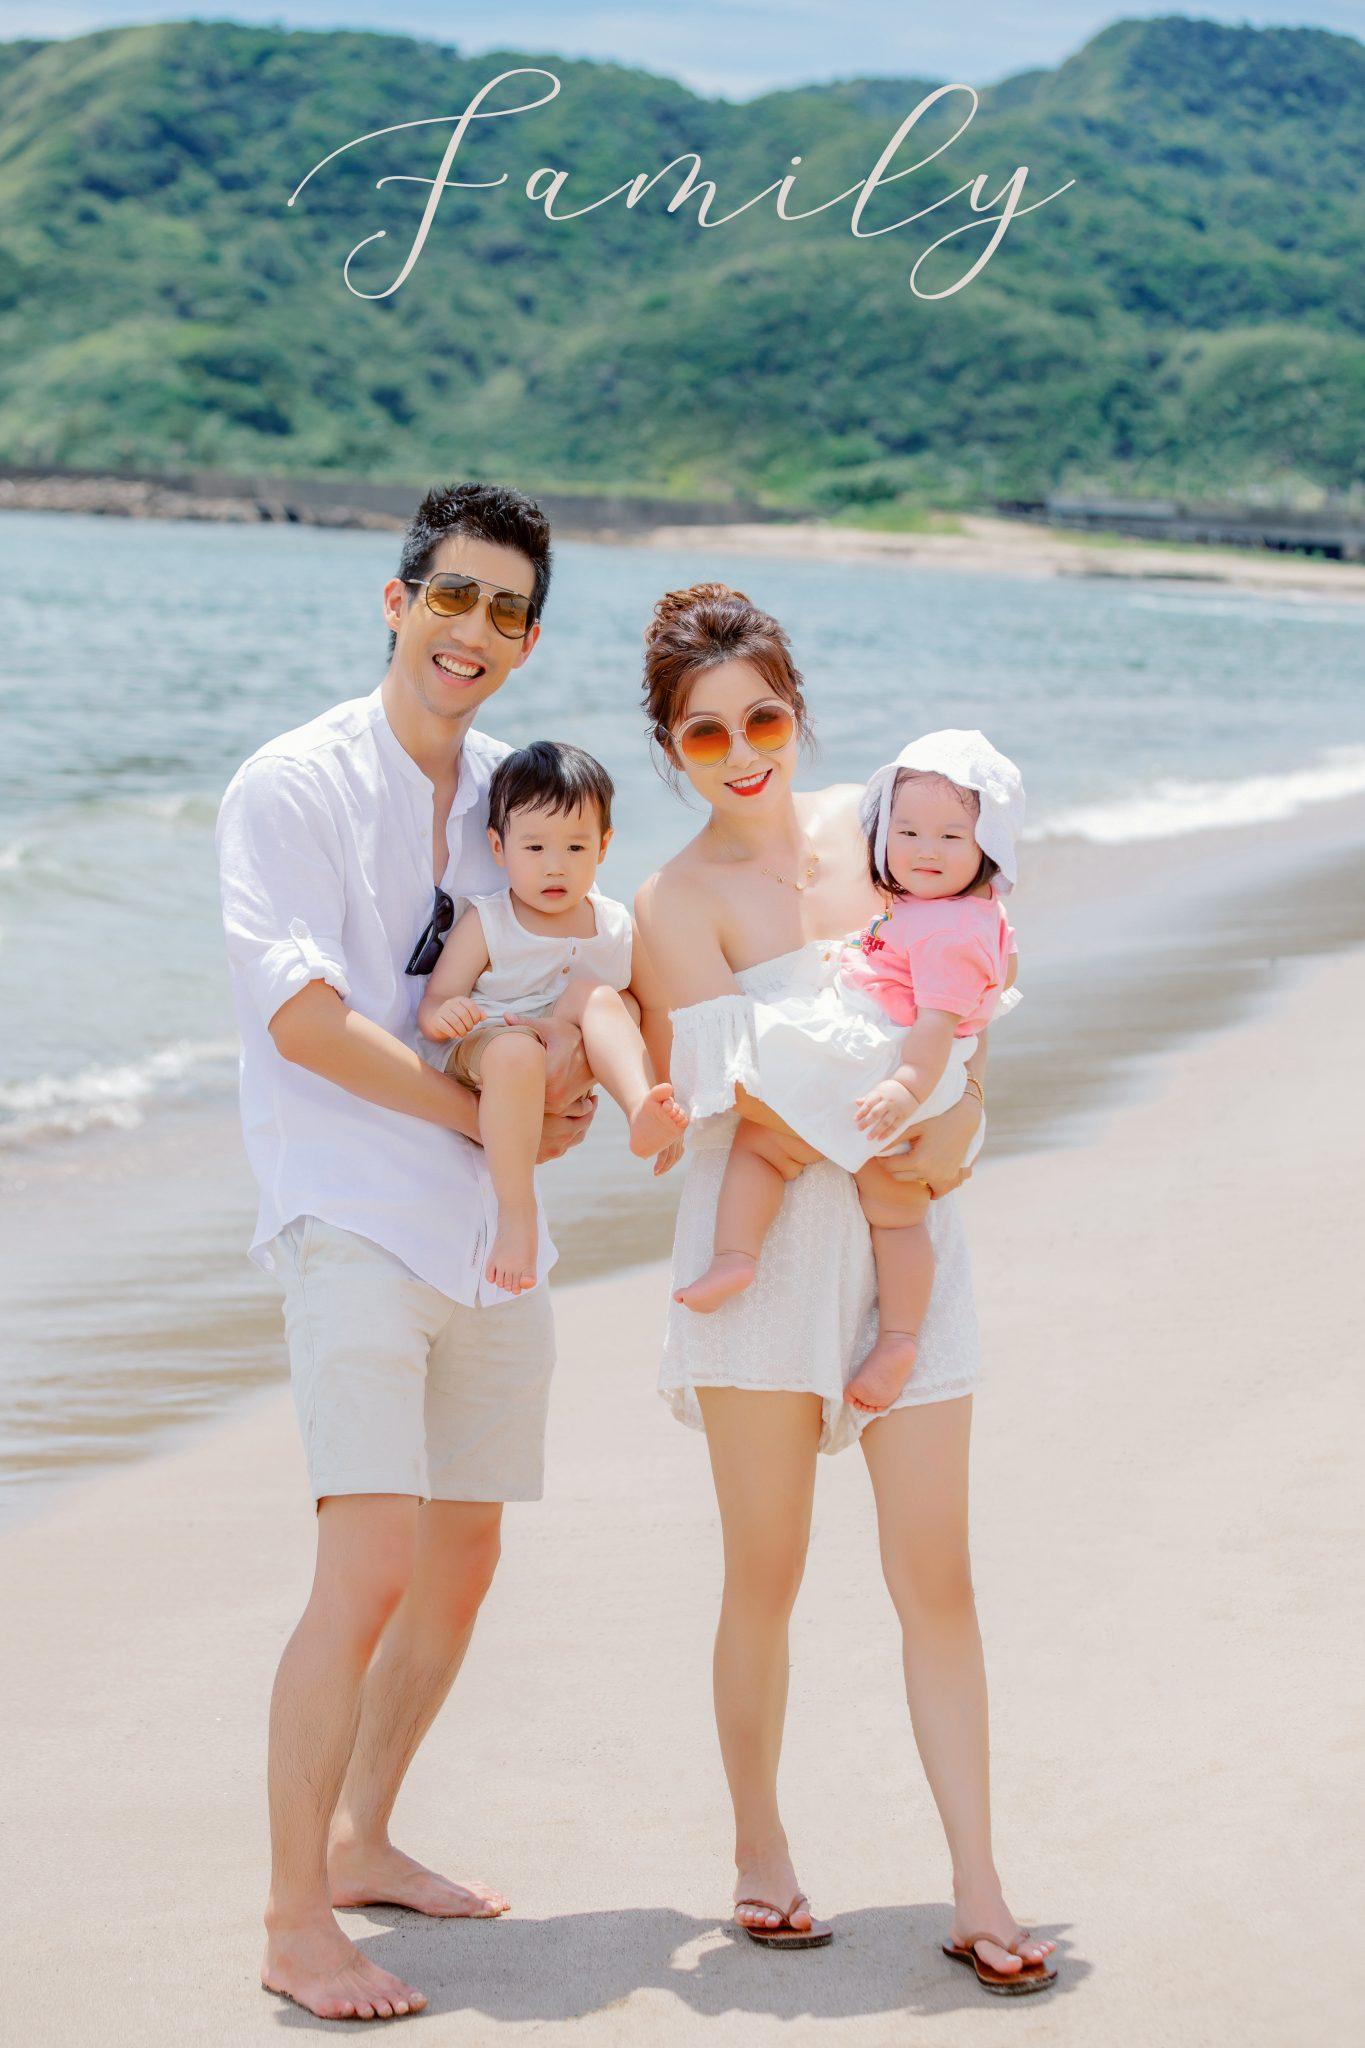 親子寫真,全家福攝影,台北全家福攝影,親子攝影推薦,海邊親子照,親子照,兒童寫真,生日寫真,全家福作品,appleface臉紅紅攝影